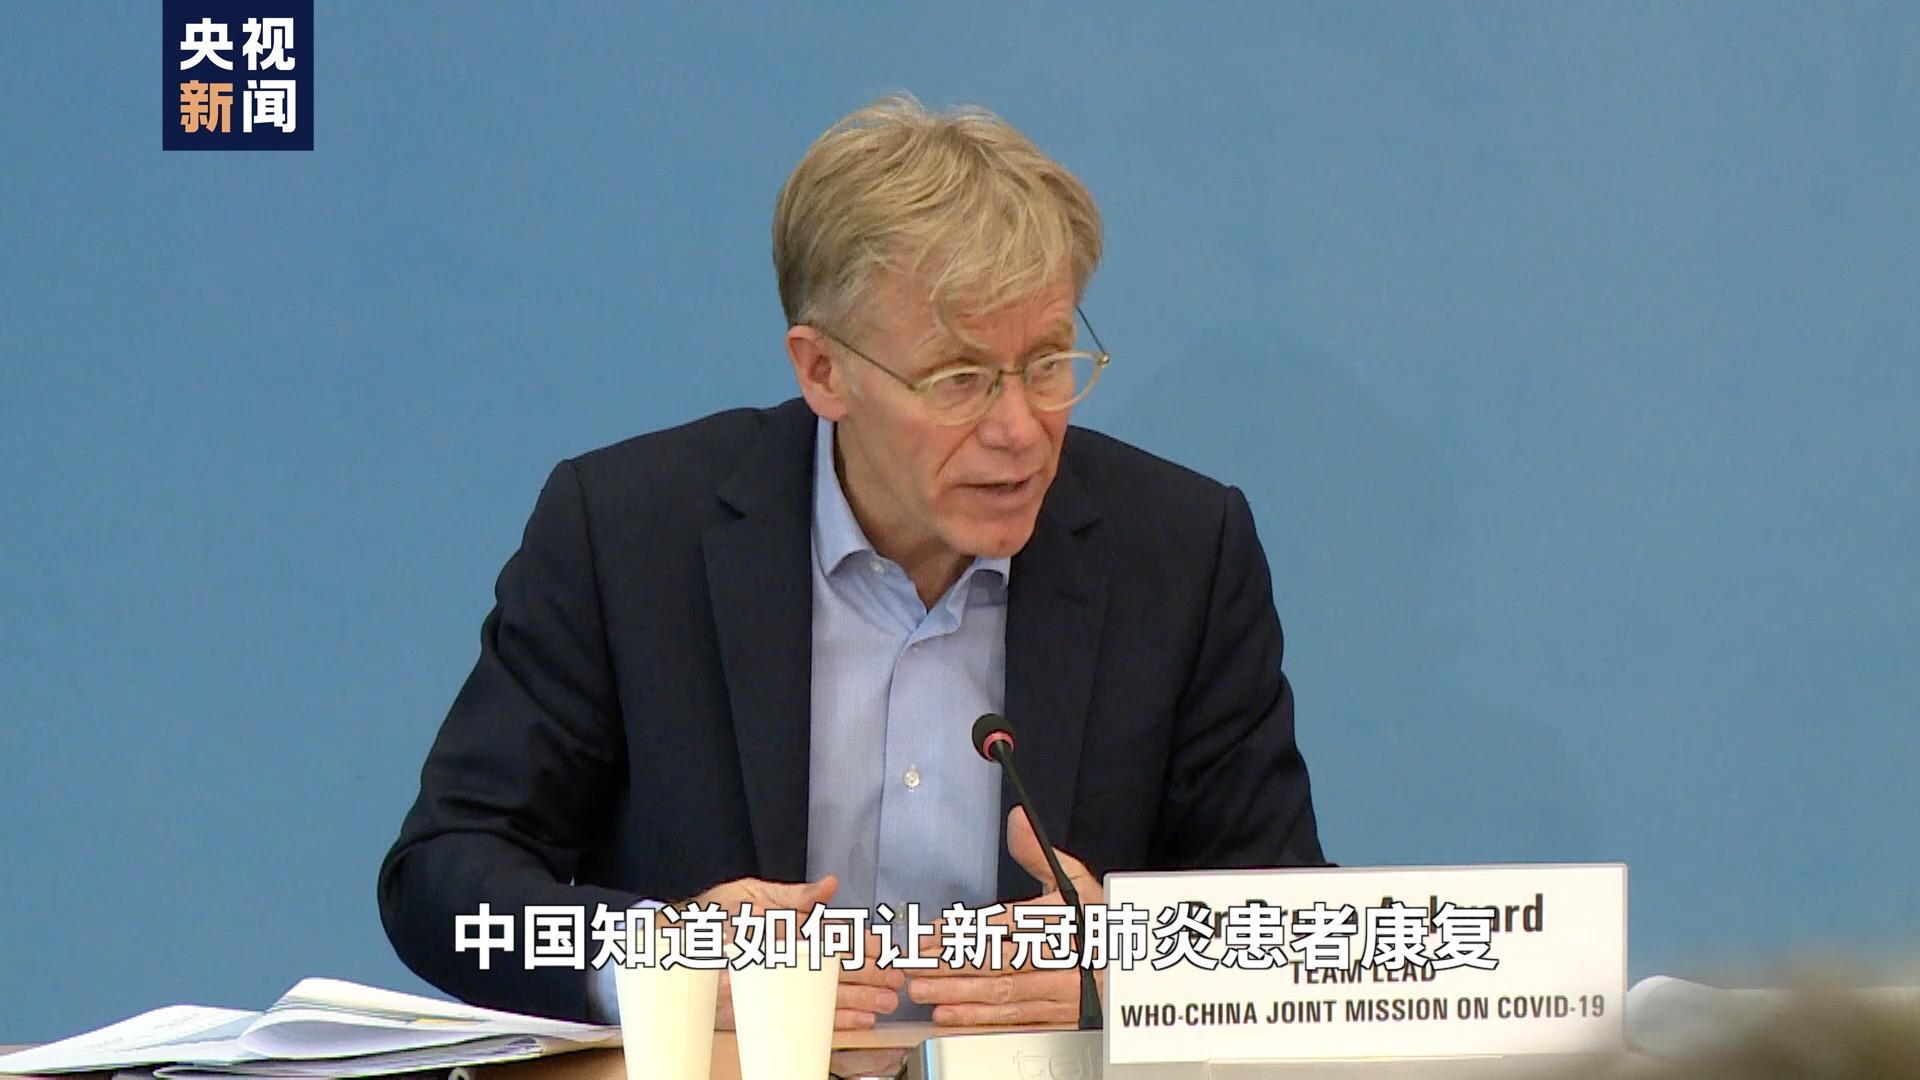 【央视新闻客户端|易访】世卫组织专家:如果我感染了,希望在中国治疗!